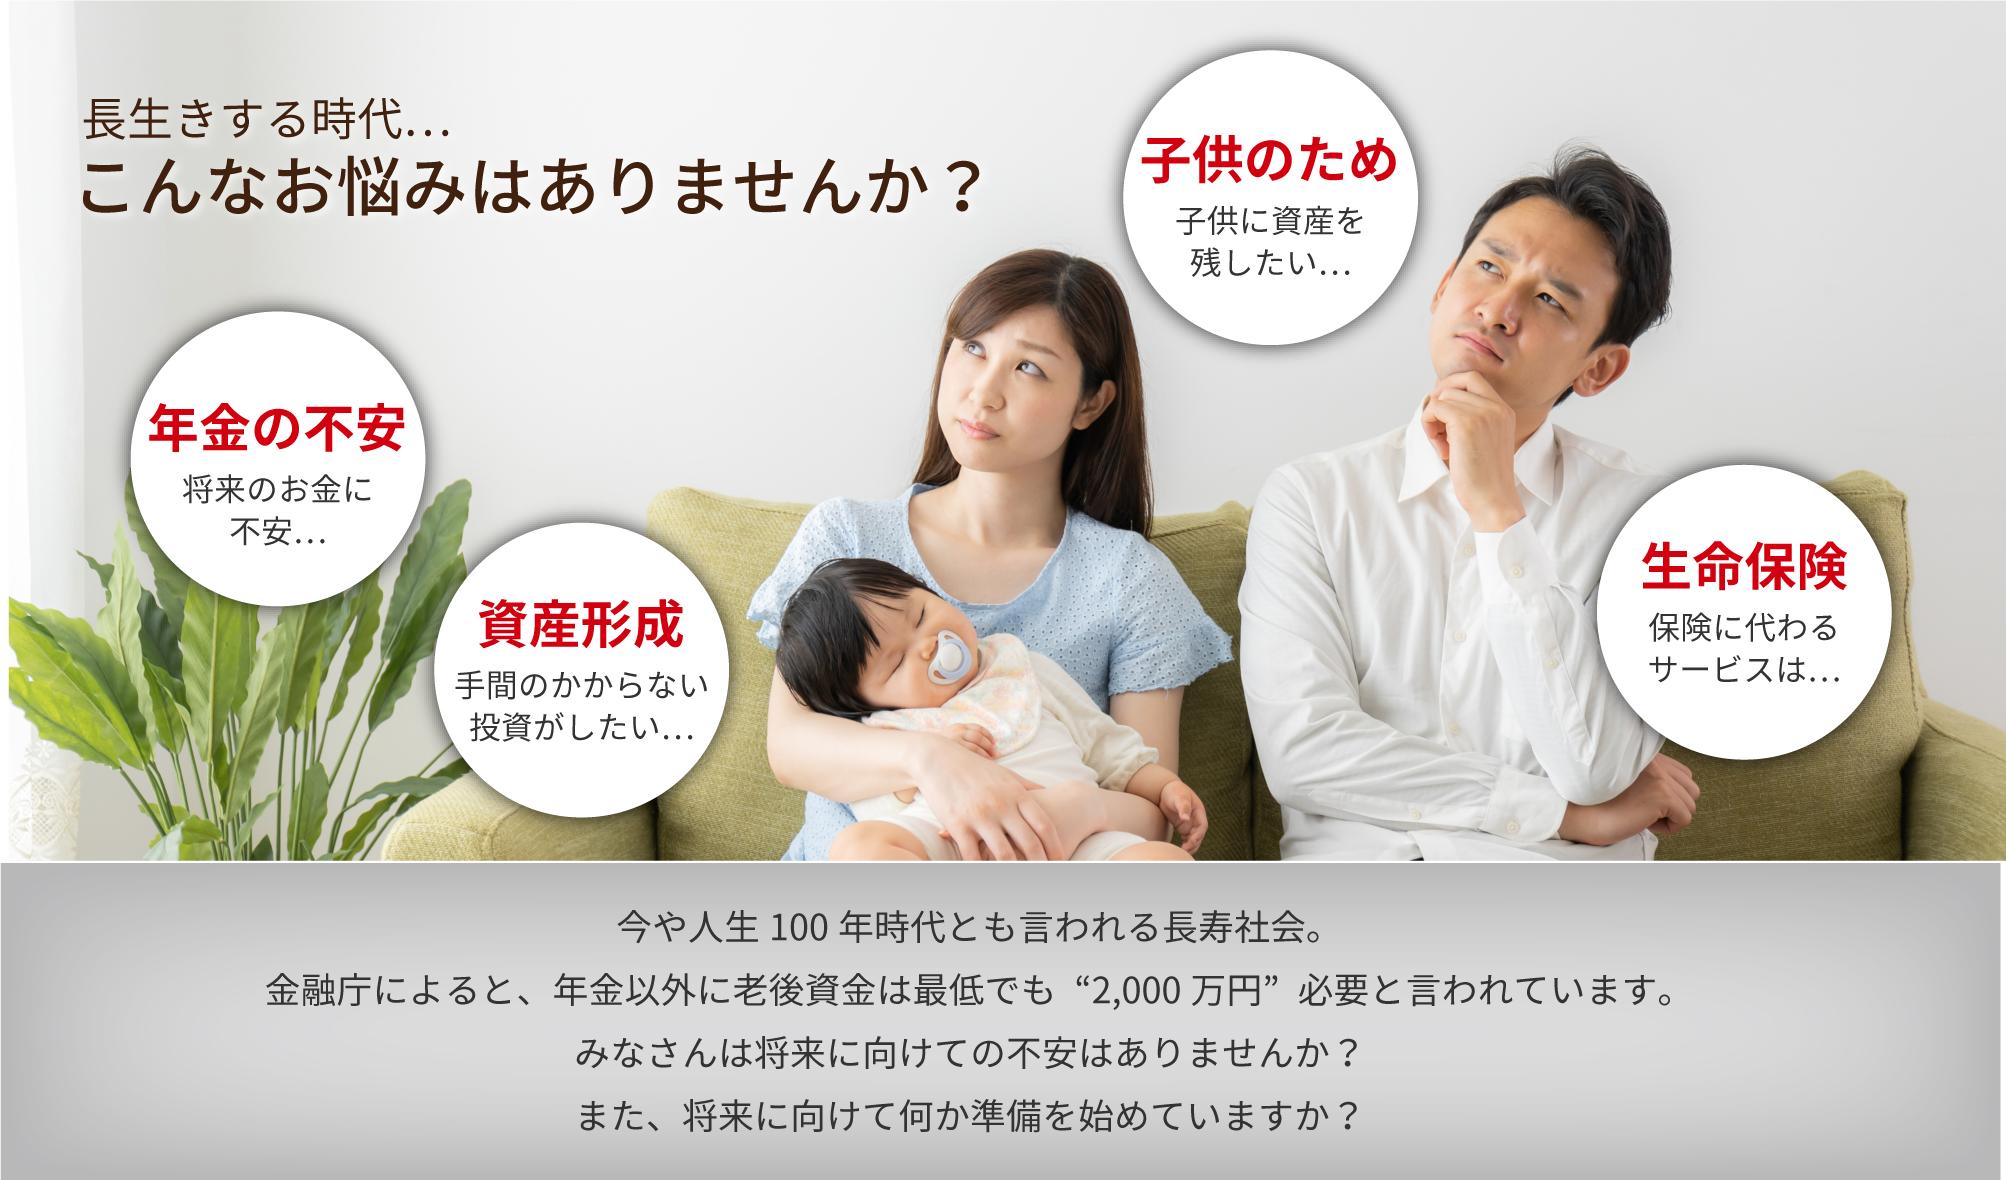 長生きする時代…こんなお悩みはありませんか?子供に資産を残したい…将来のお金に不安…手間のかからない投資がしたい…保険に代わるサービスは…